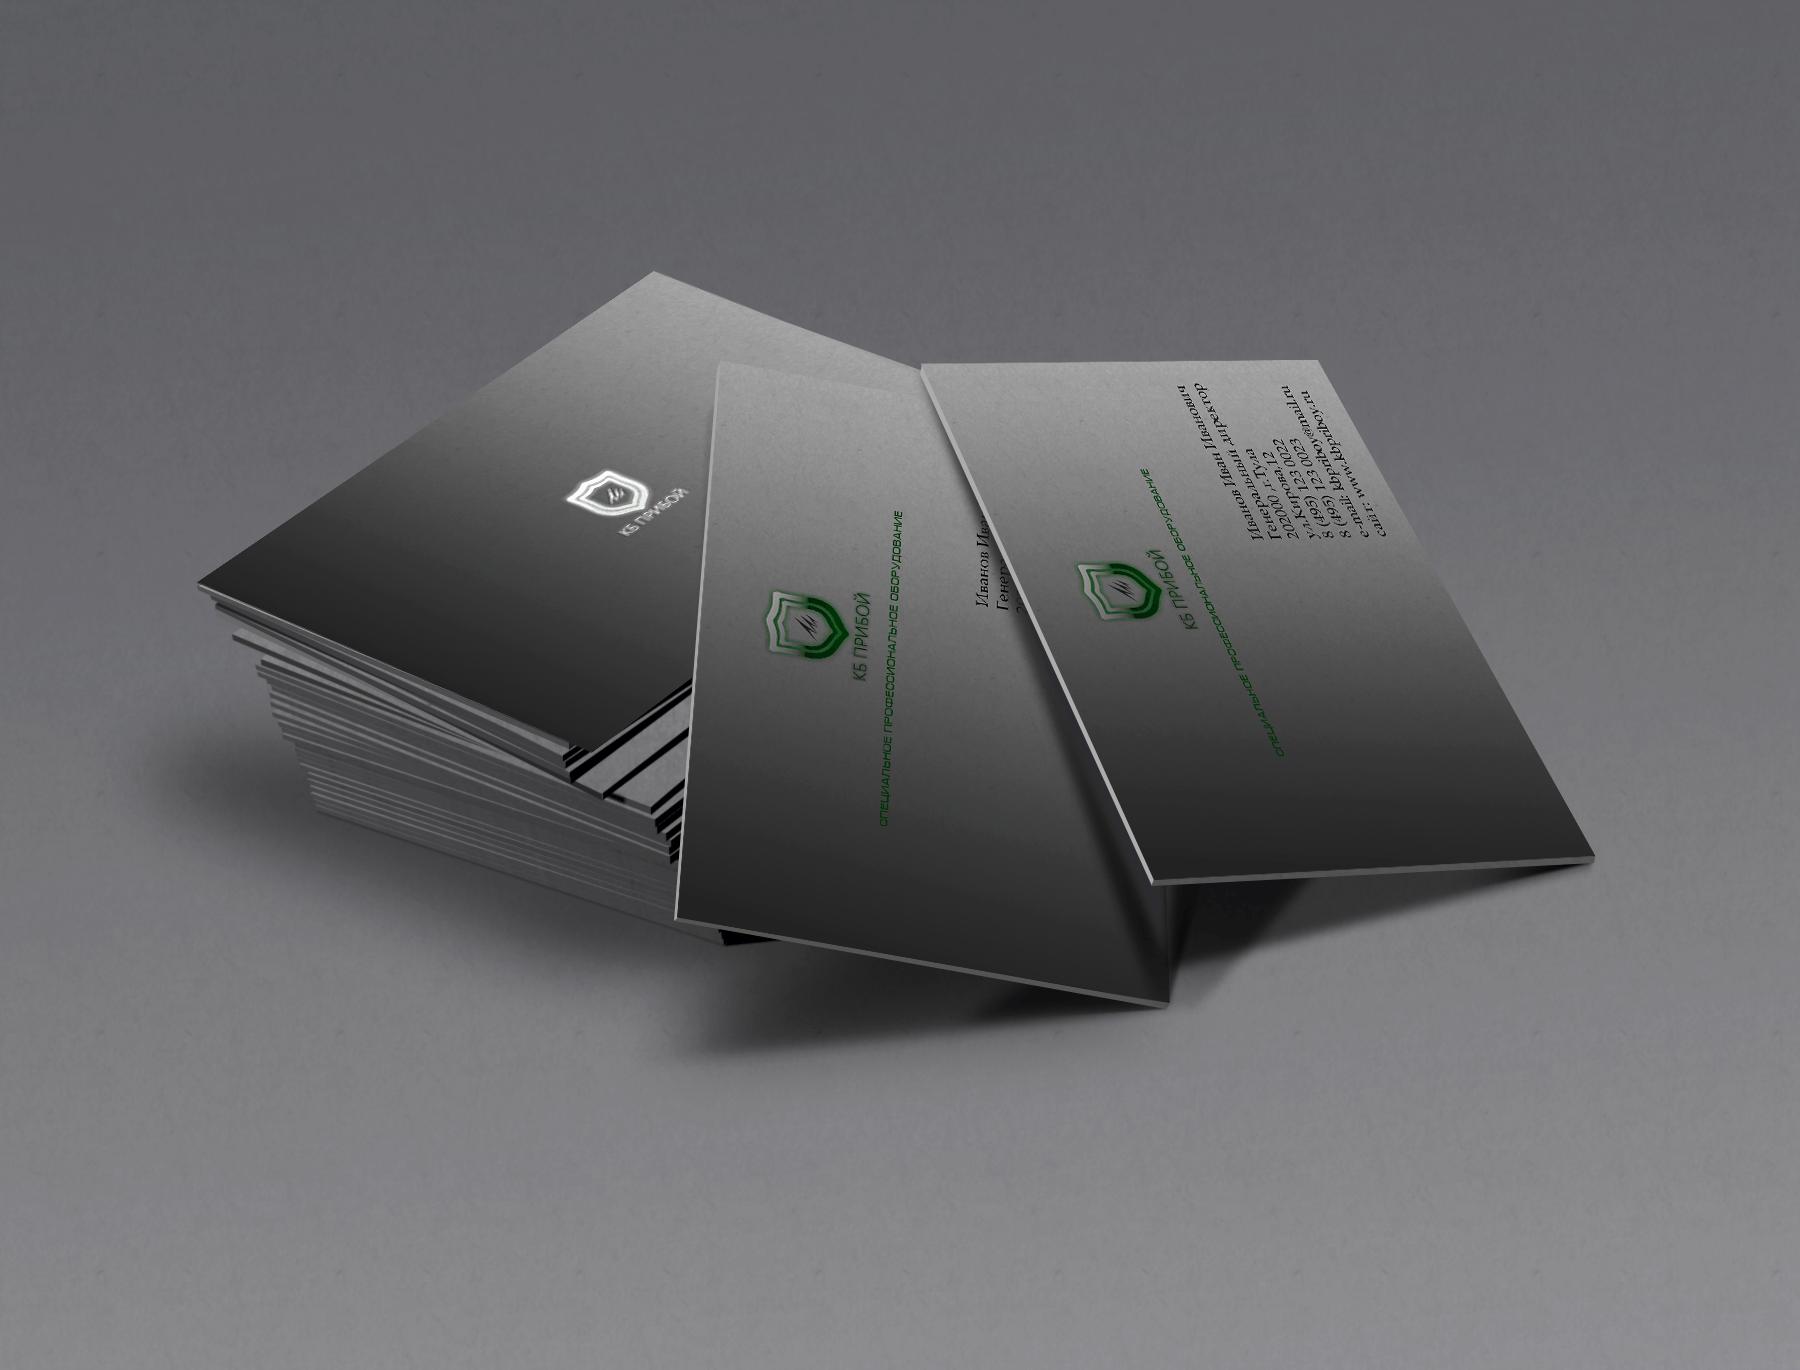 Разработка логотипа и фирменного стиля для КБ Прибой фото f_1735b2a34fdc25c6.png